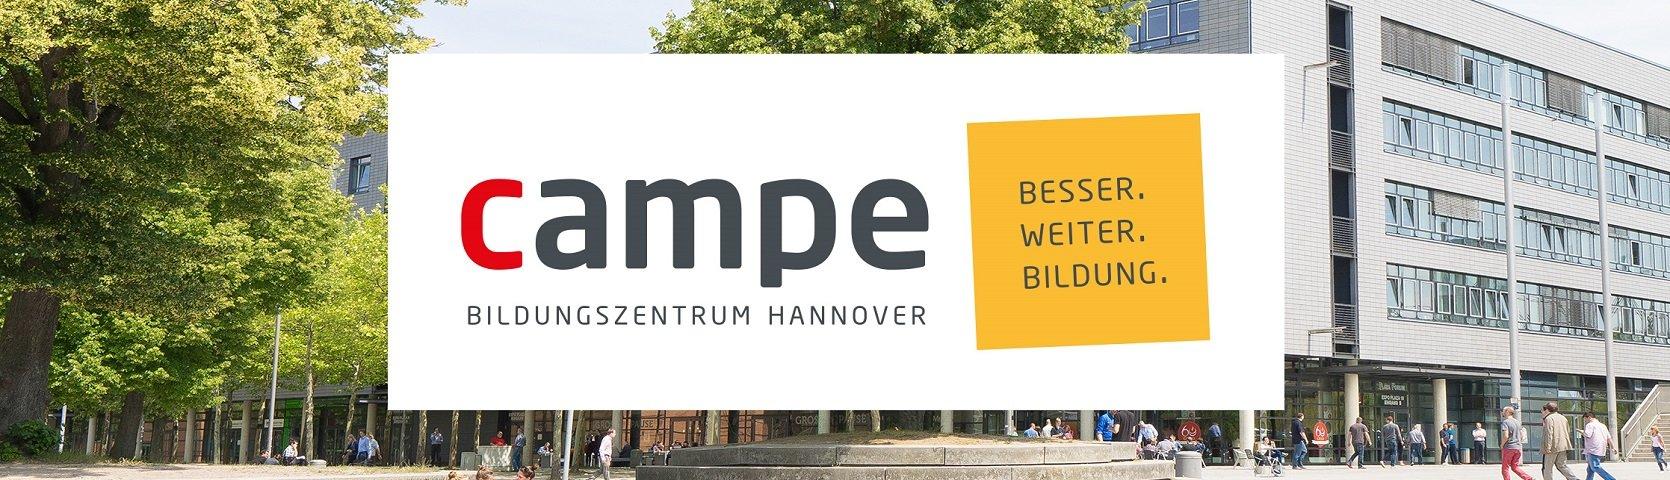 Campe Bildungszentrum Hannover